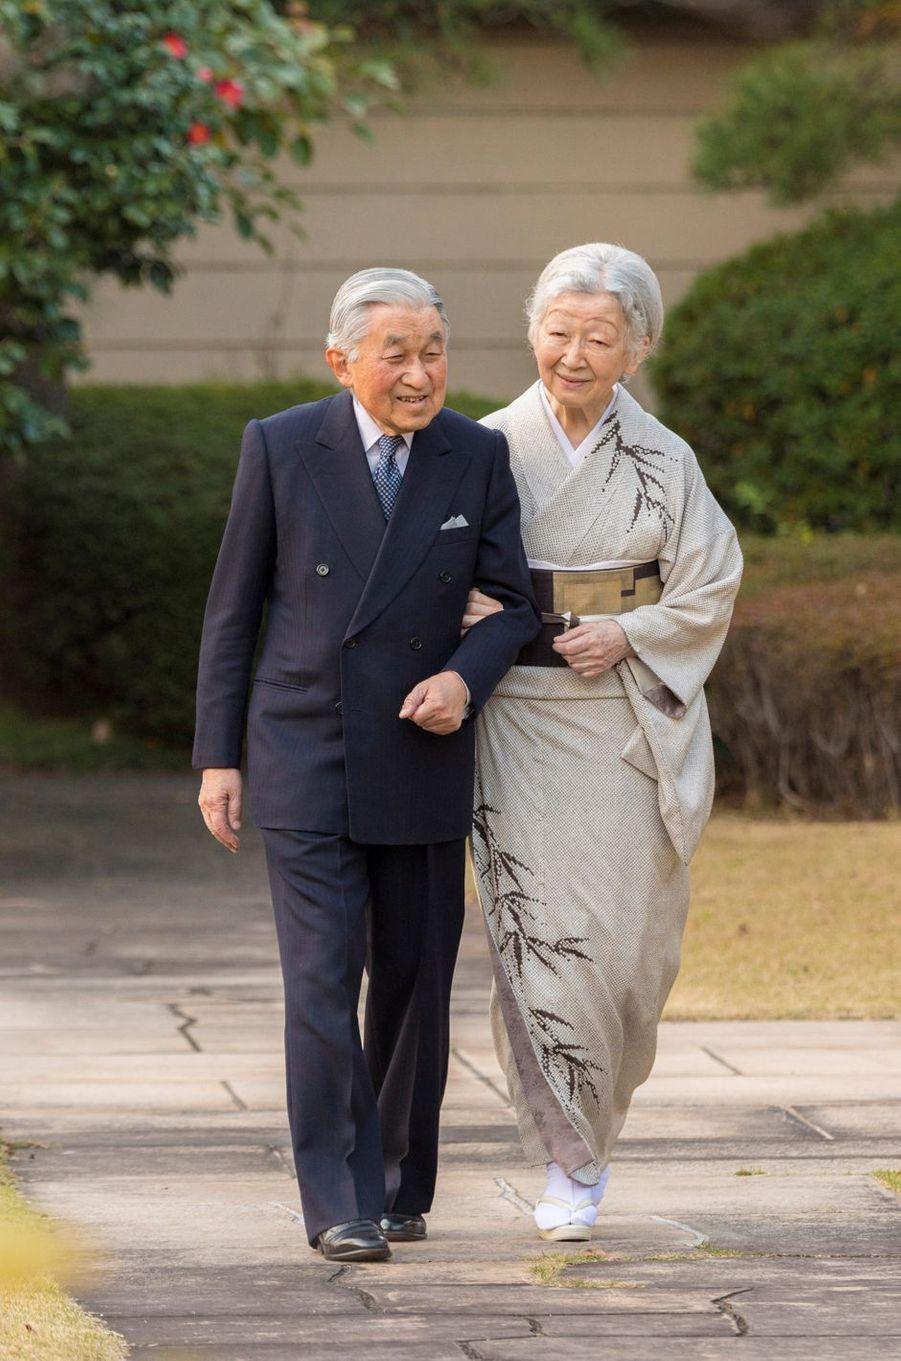 L'empereur Akihito et l'impératrice Michiko du Japon à Tokyo, le 10 décembre 2018. Photo diffusée pour les 85 ans d'Akihito le 23 décembre 2018